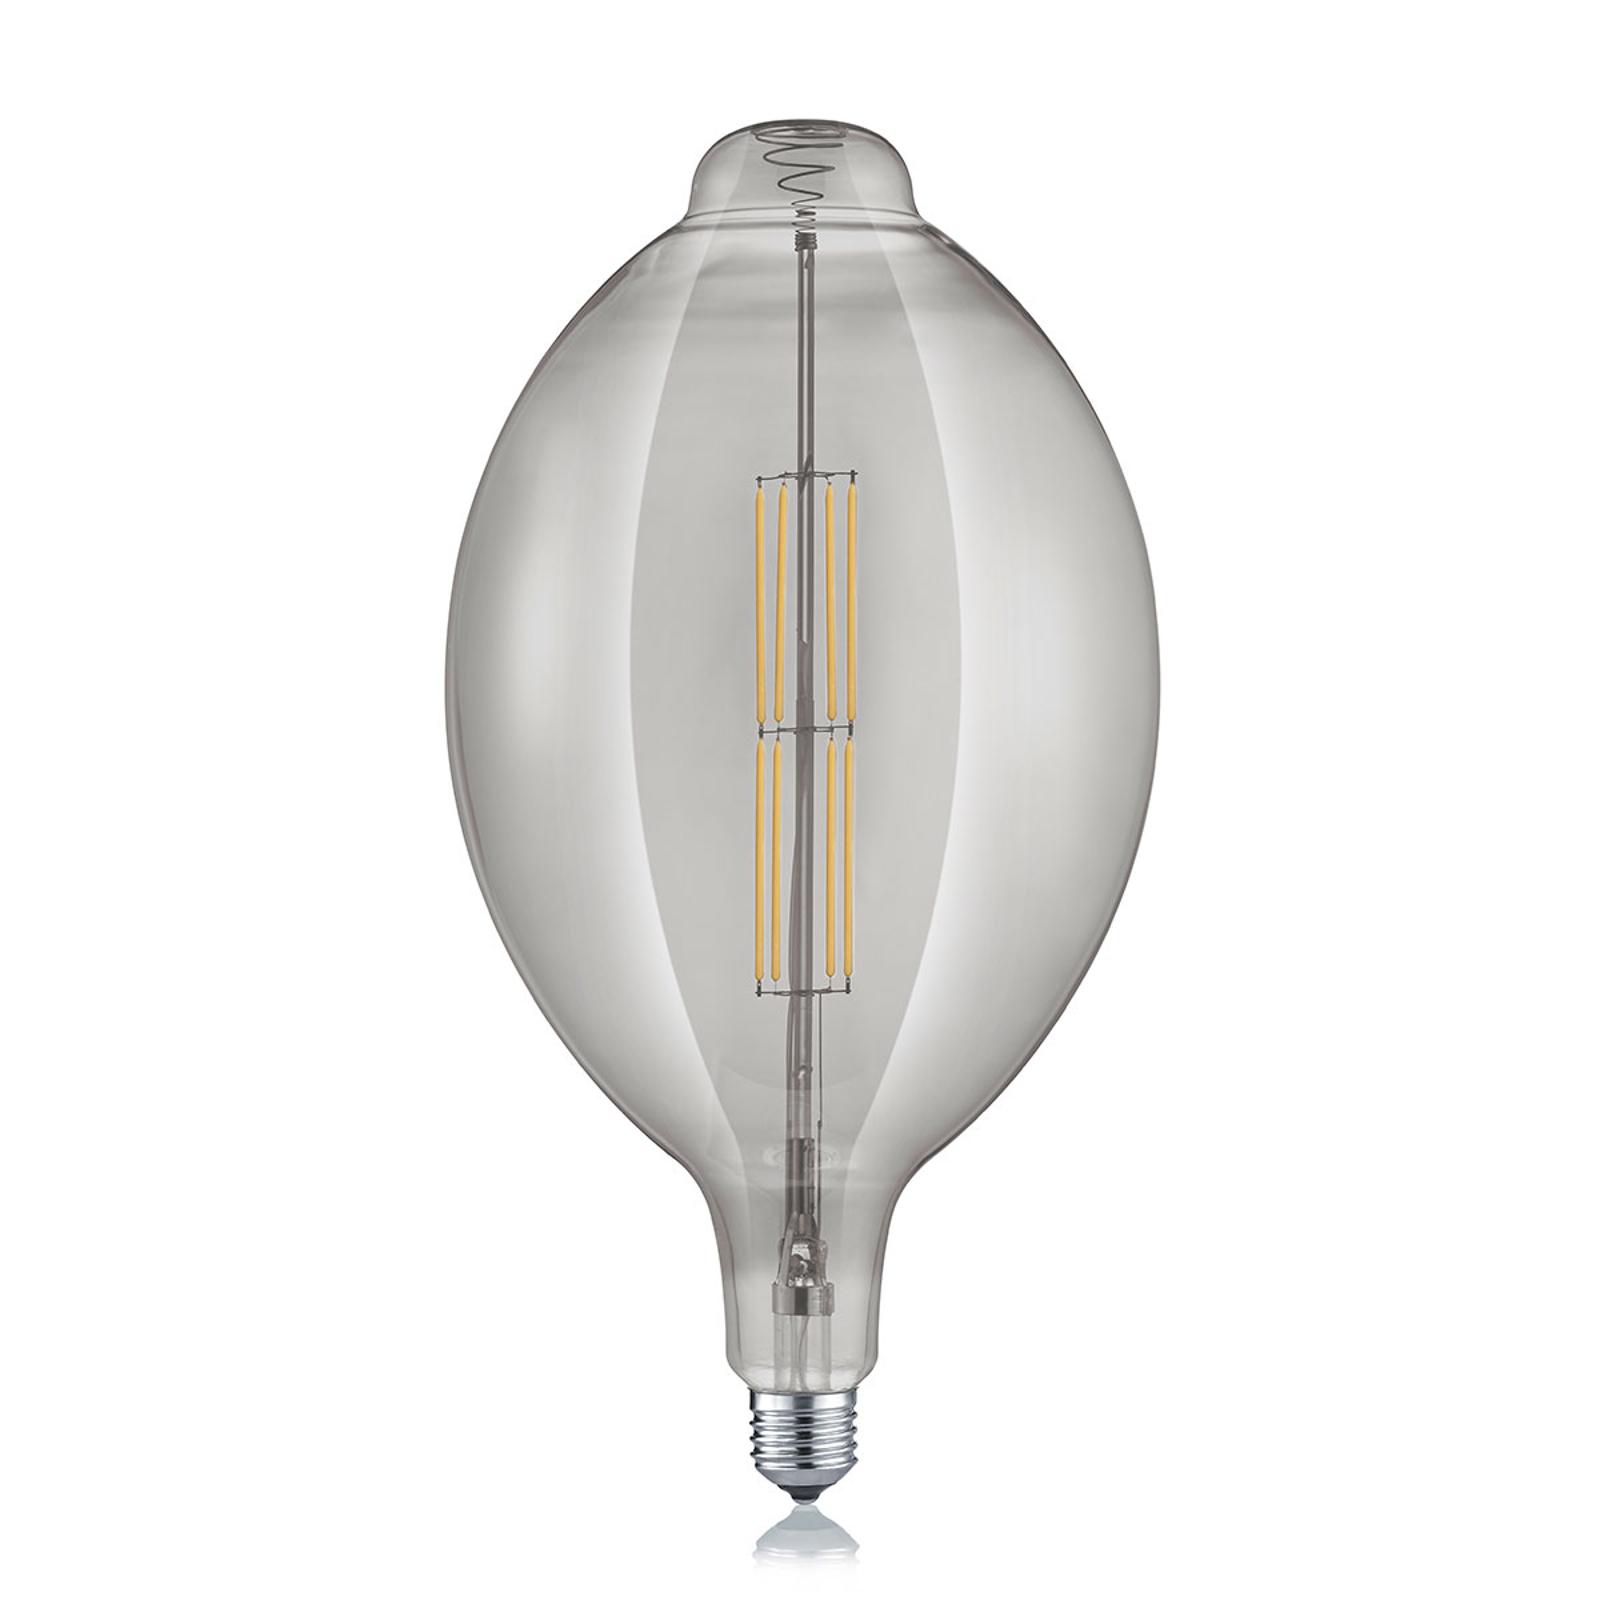 LED-Lampe E27 8W 2.700K lange Form rauchfarben